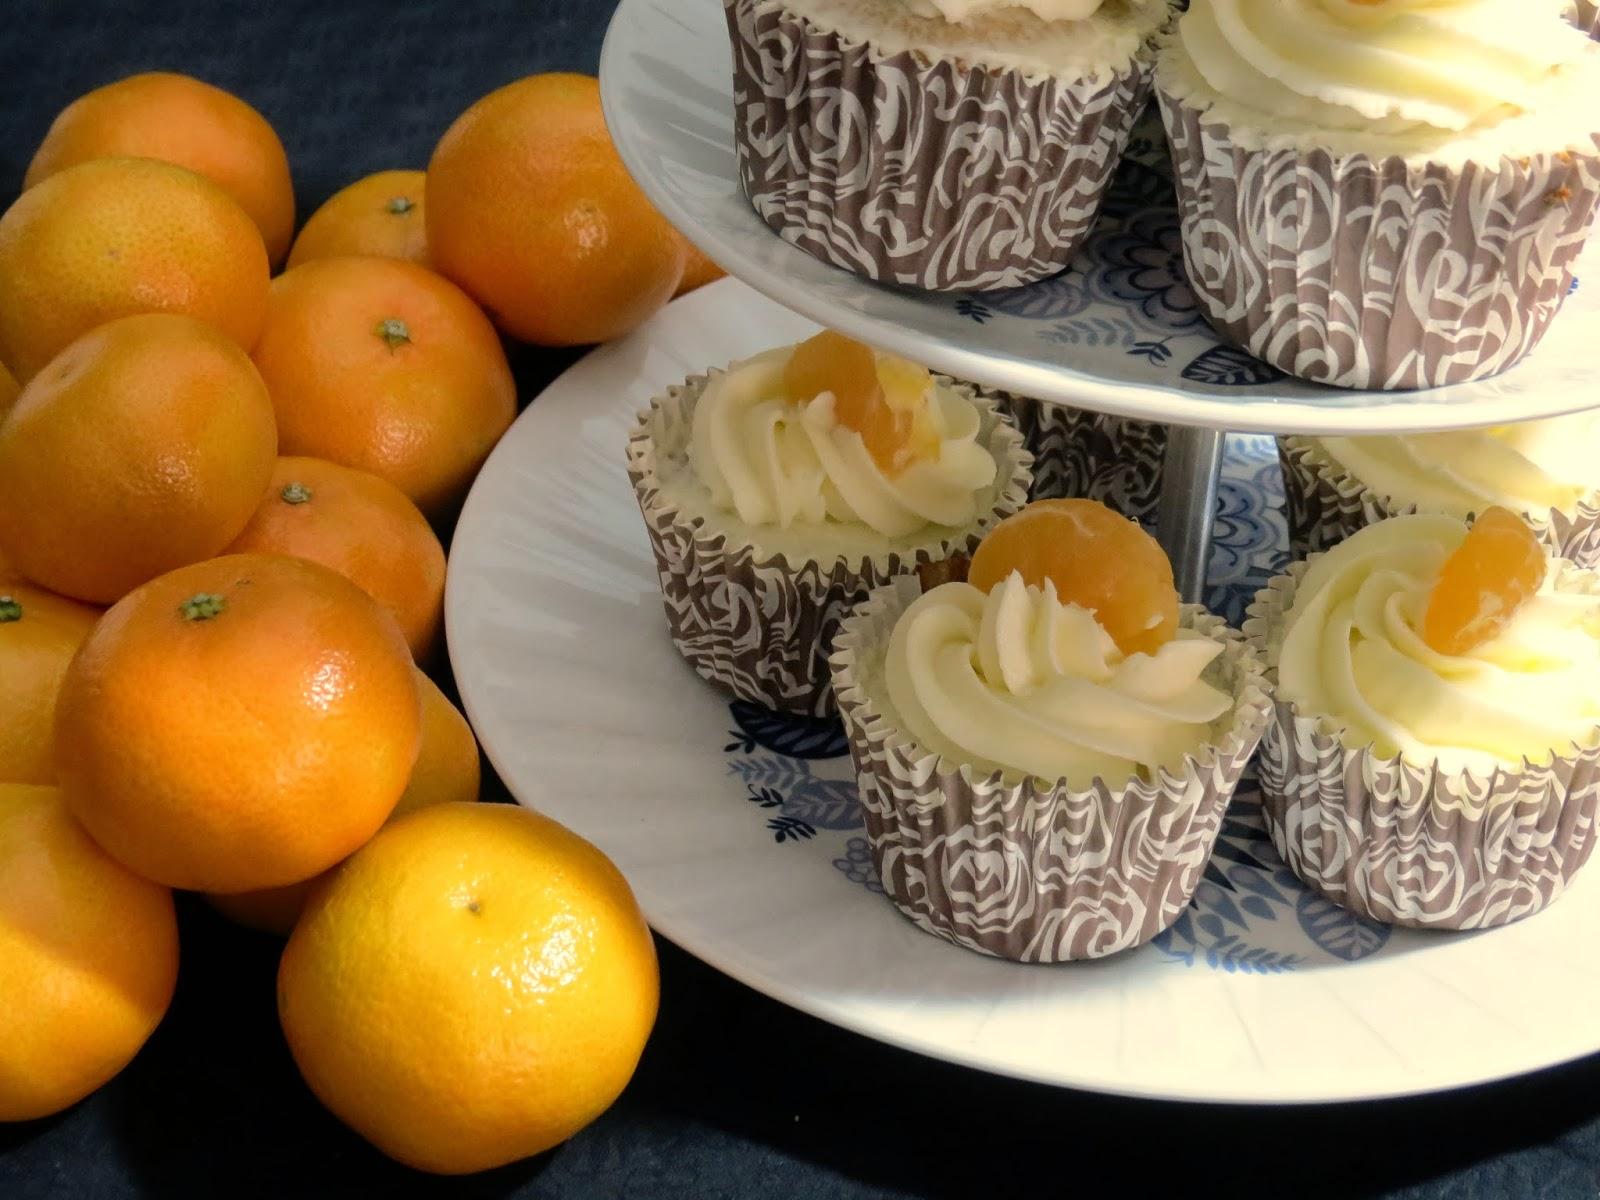 cupcake Lleida, Cupcakes,El teu cupcake, Lleida, Cupcake de xocolata blanca amb mandarina